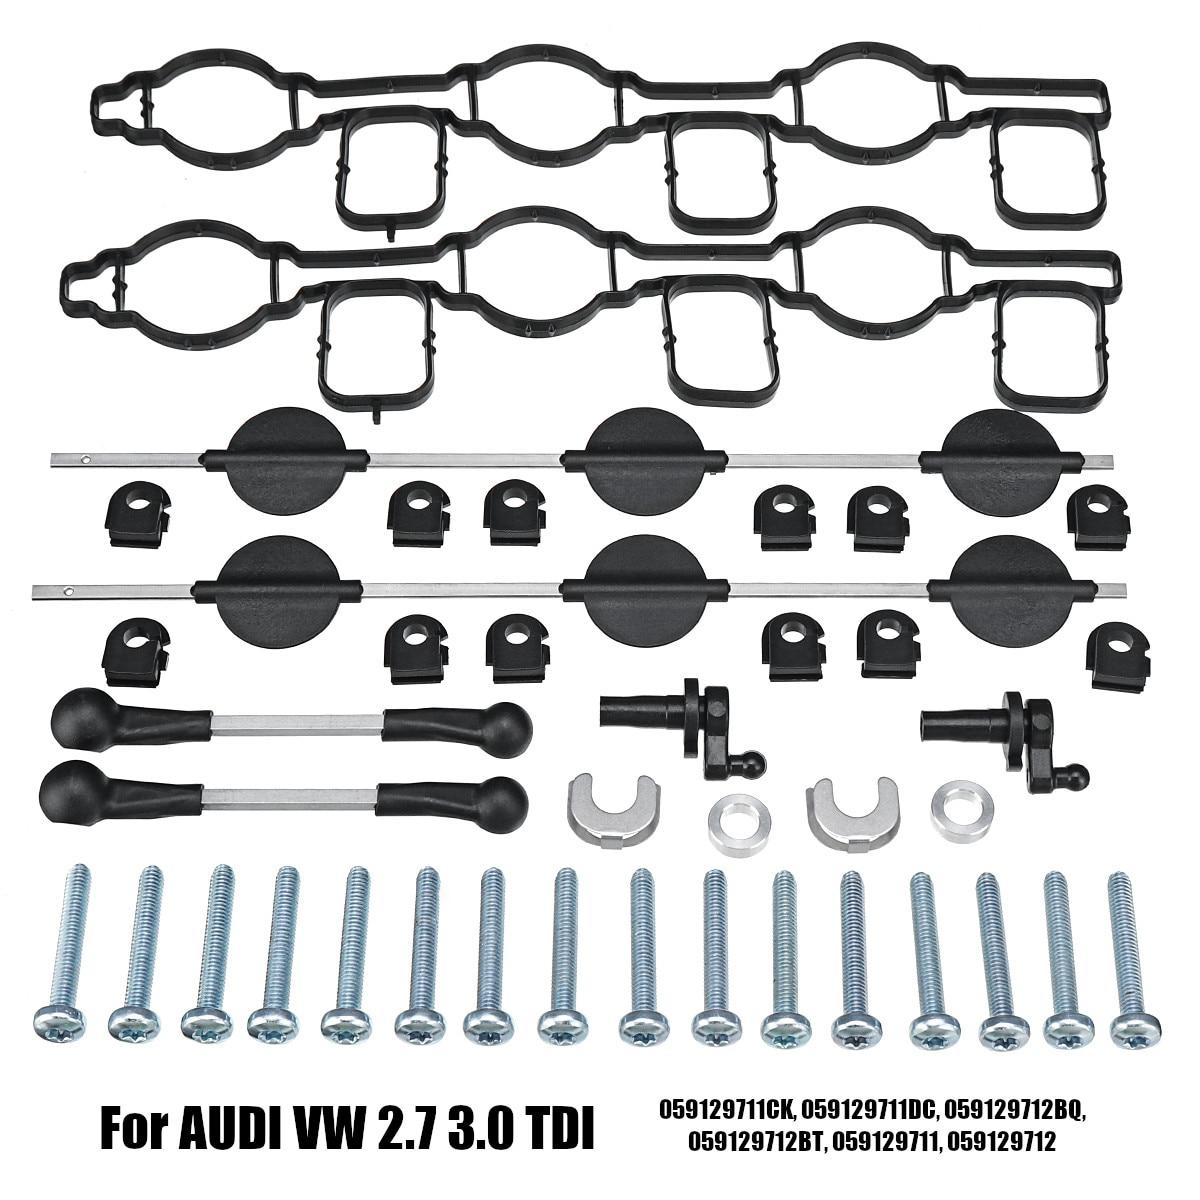 Inlet Intake Manifold Swirl Flaps Set for AUDI for VW 2.7 TDI A4 A5 A6 A8 Touareg 059129711CK 059129711DC 059129712BQ 059129712BInlet Intake Manifold Swirl Flaps Set for AUDI for VW 2.7 TDI A4 A5 A6 A8 Touareg 059129711CK 059129711DC 059129712BQ 059129712B